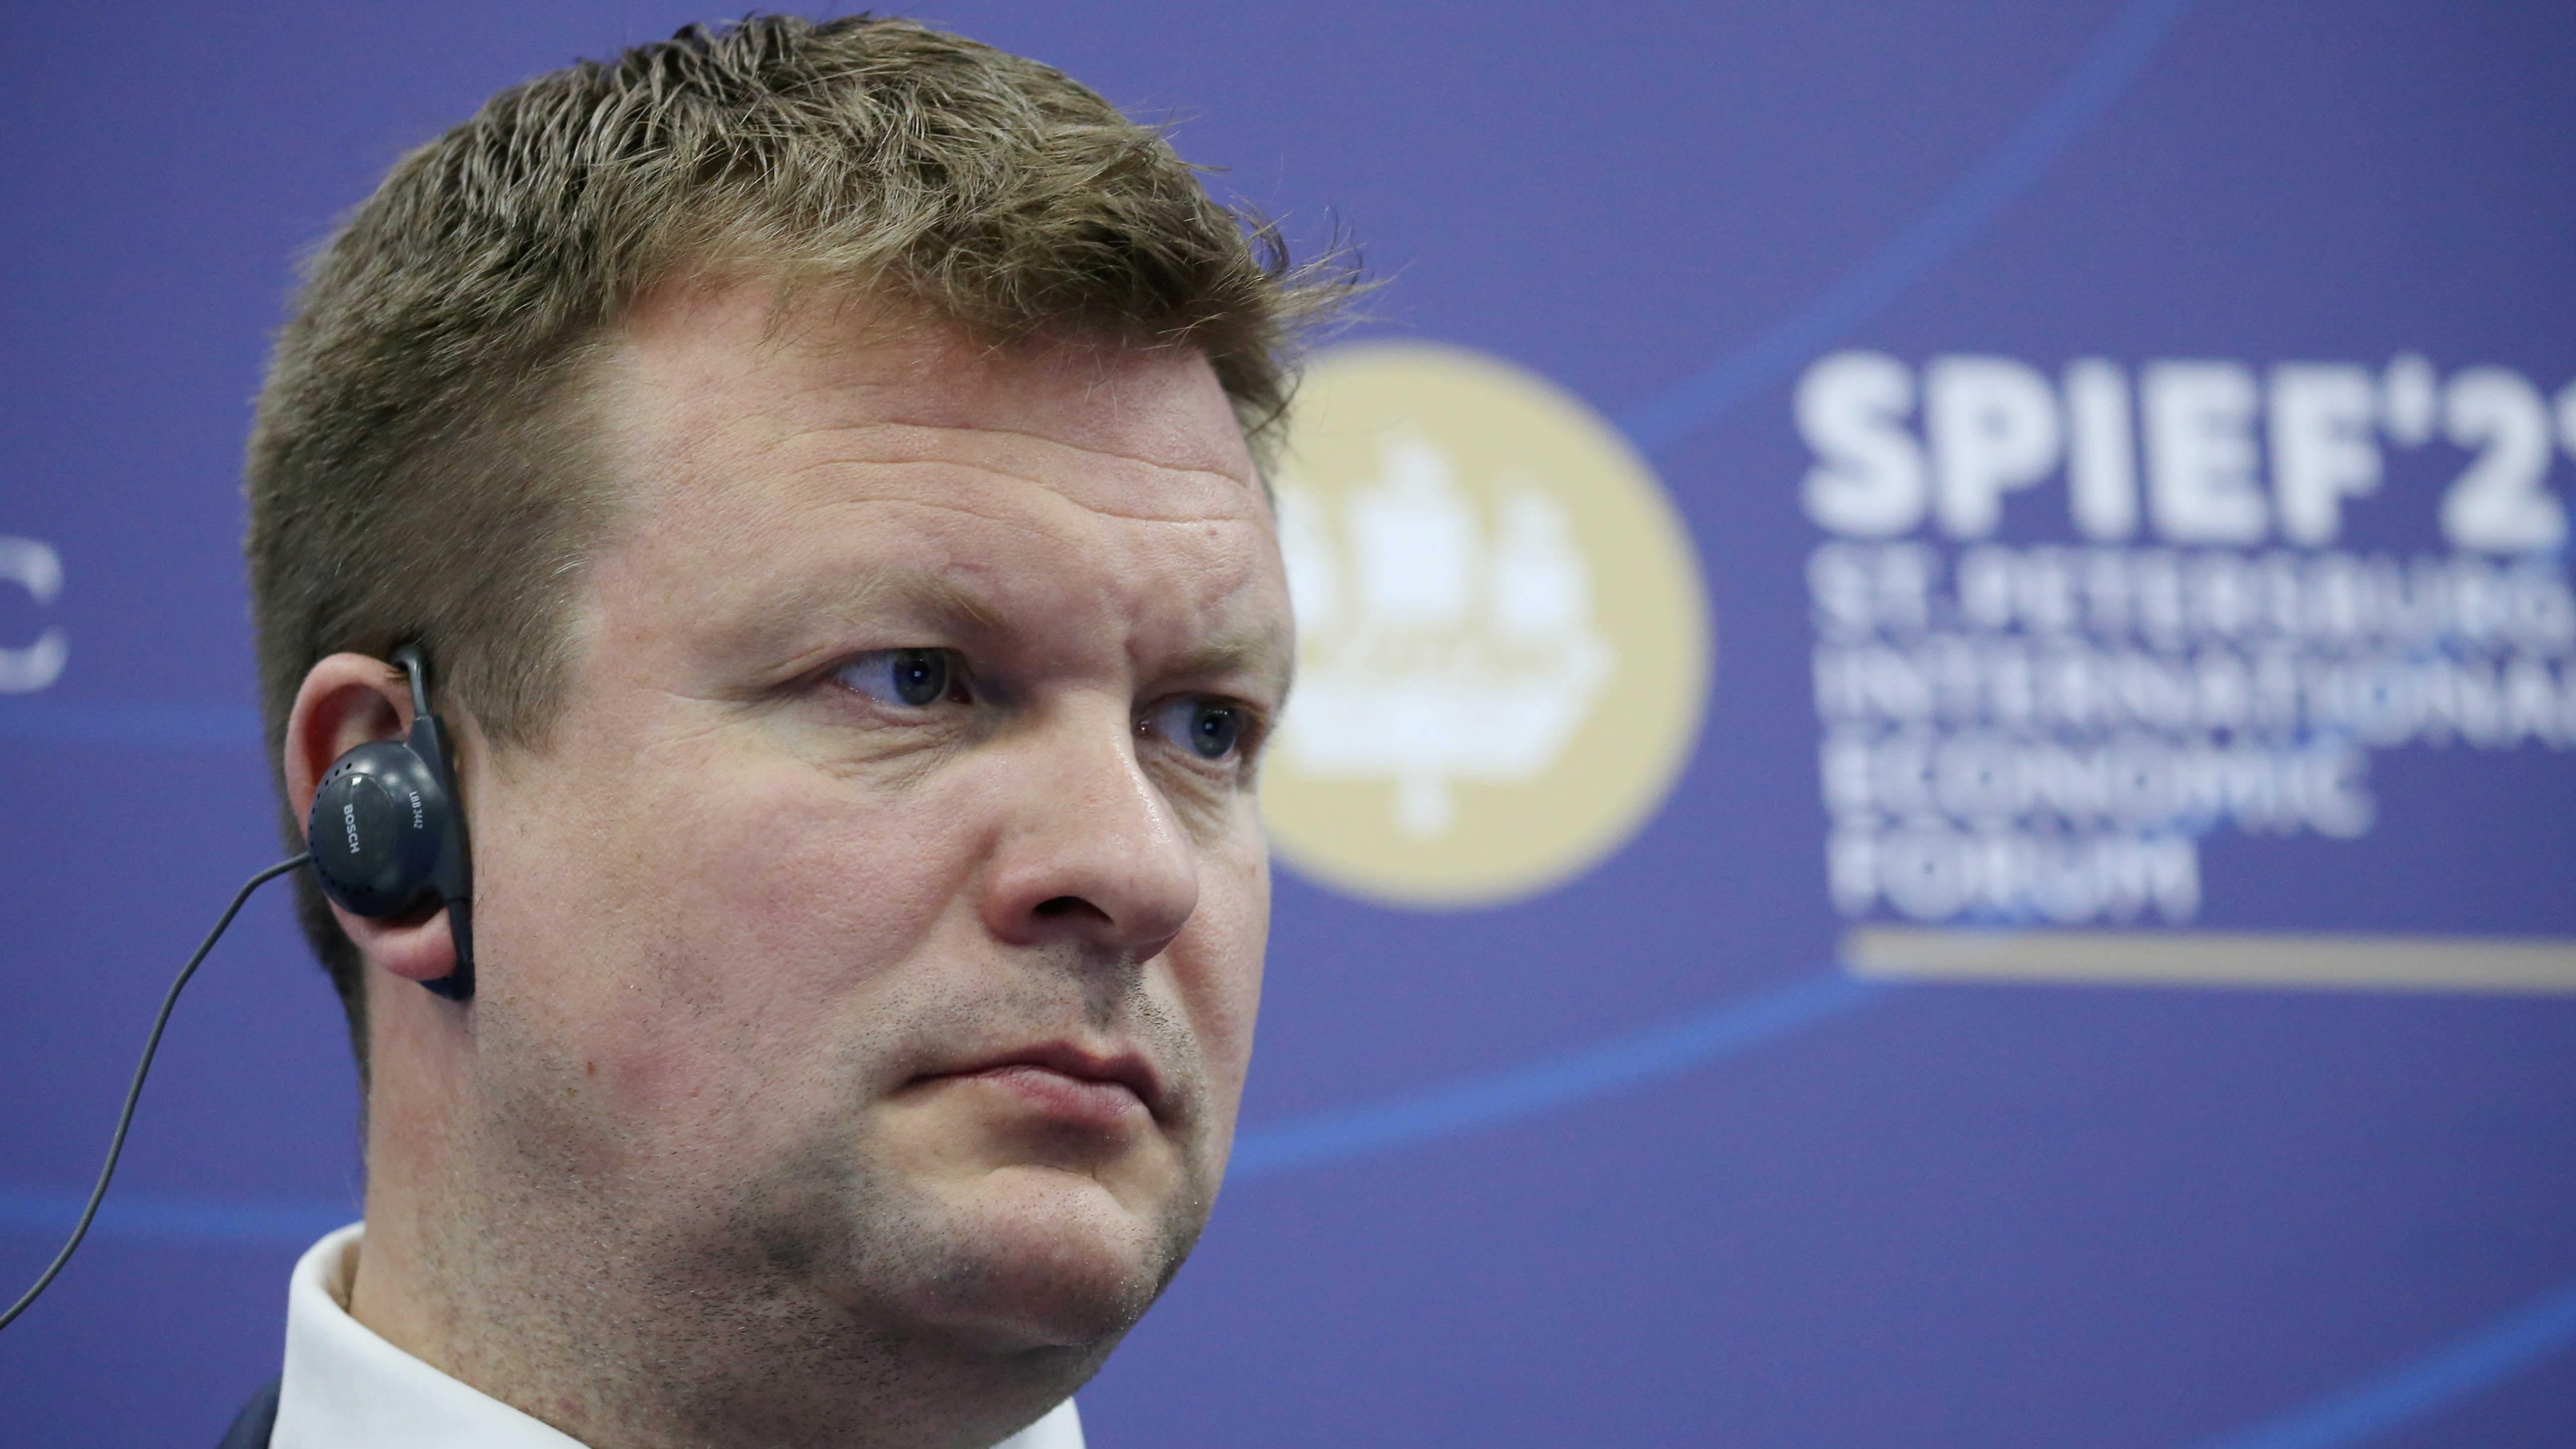 Kehitysyhteistyö- ja ulkomaankauppaministeri osallistui perjantaina Pietarissa talousfoorumin keskusteluun.